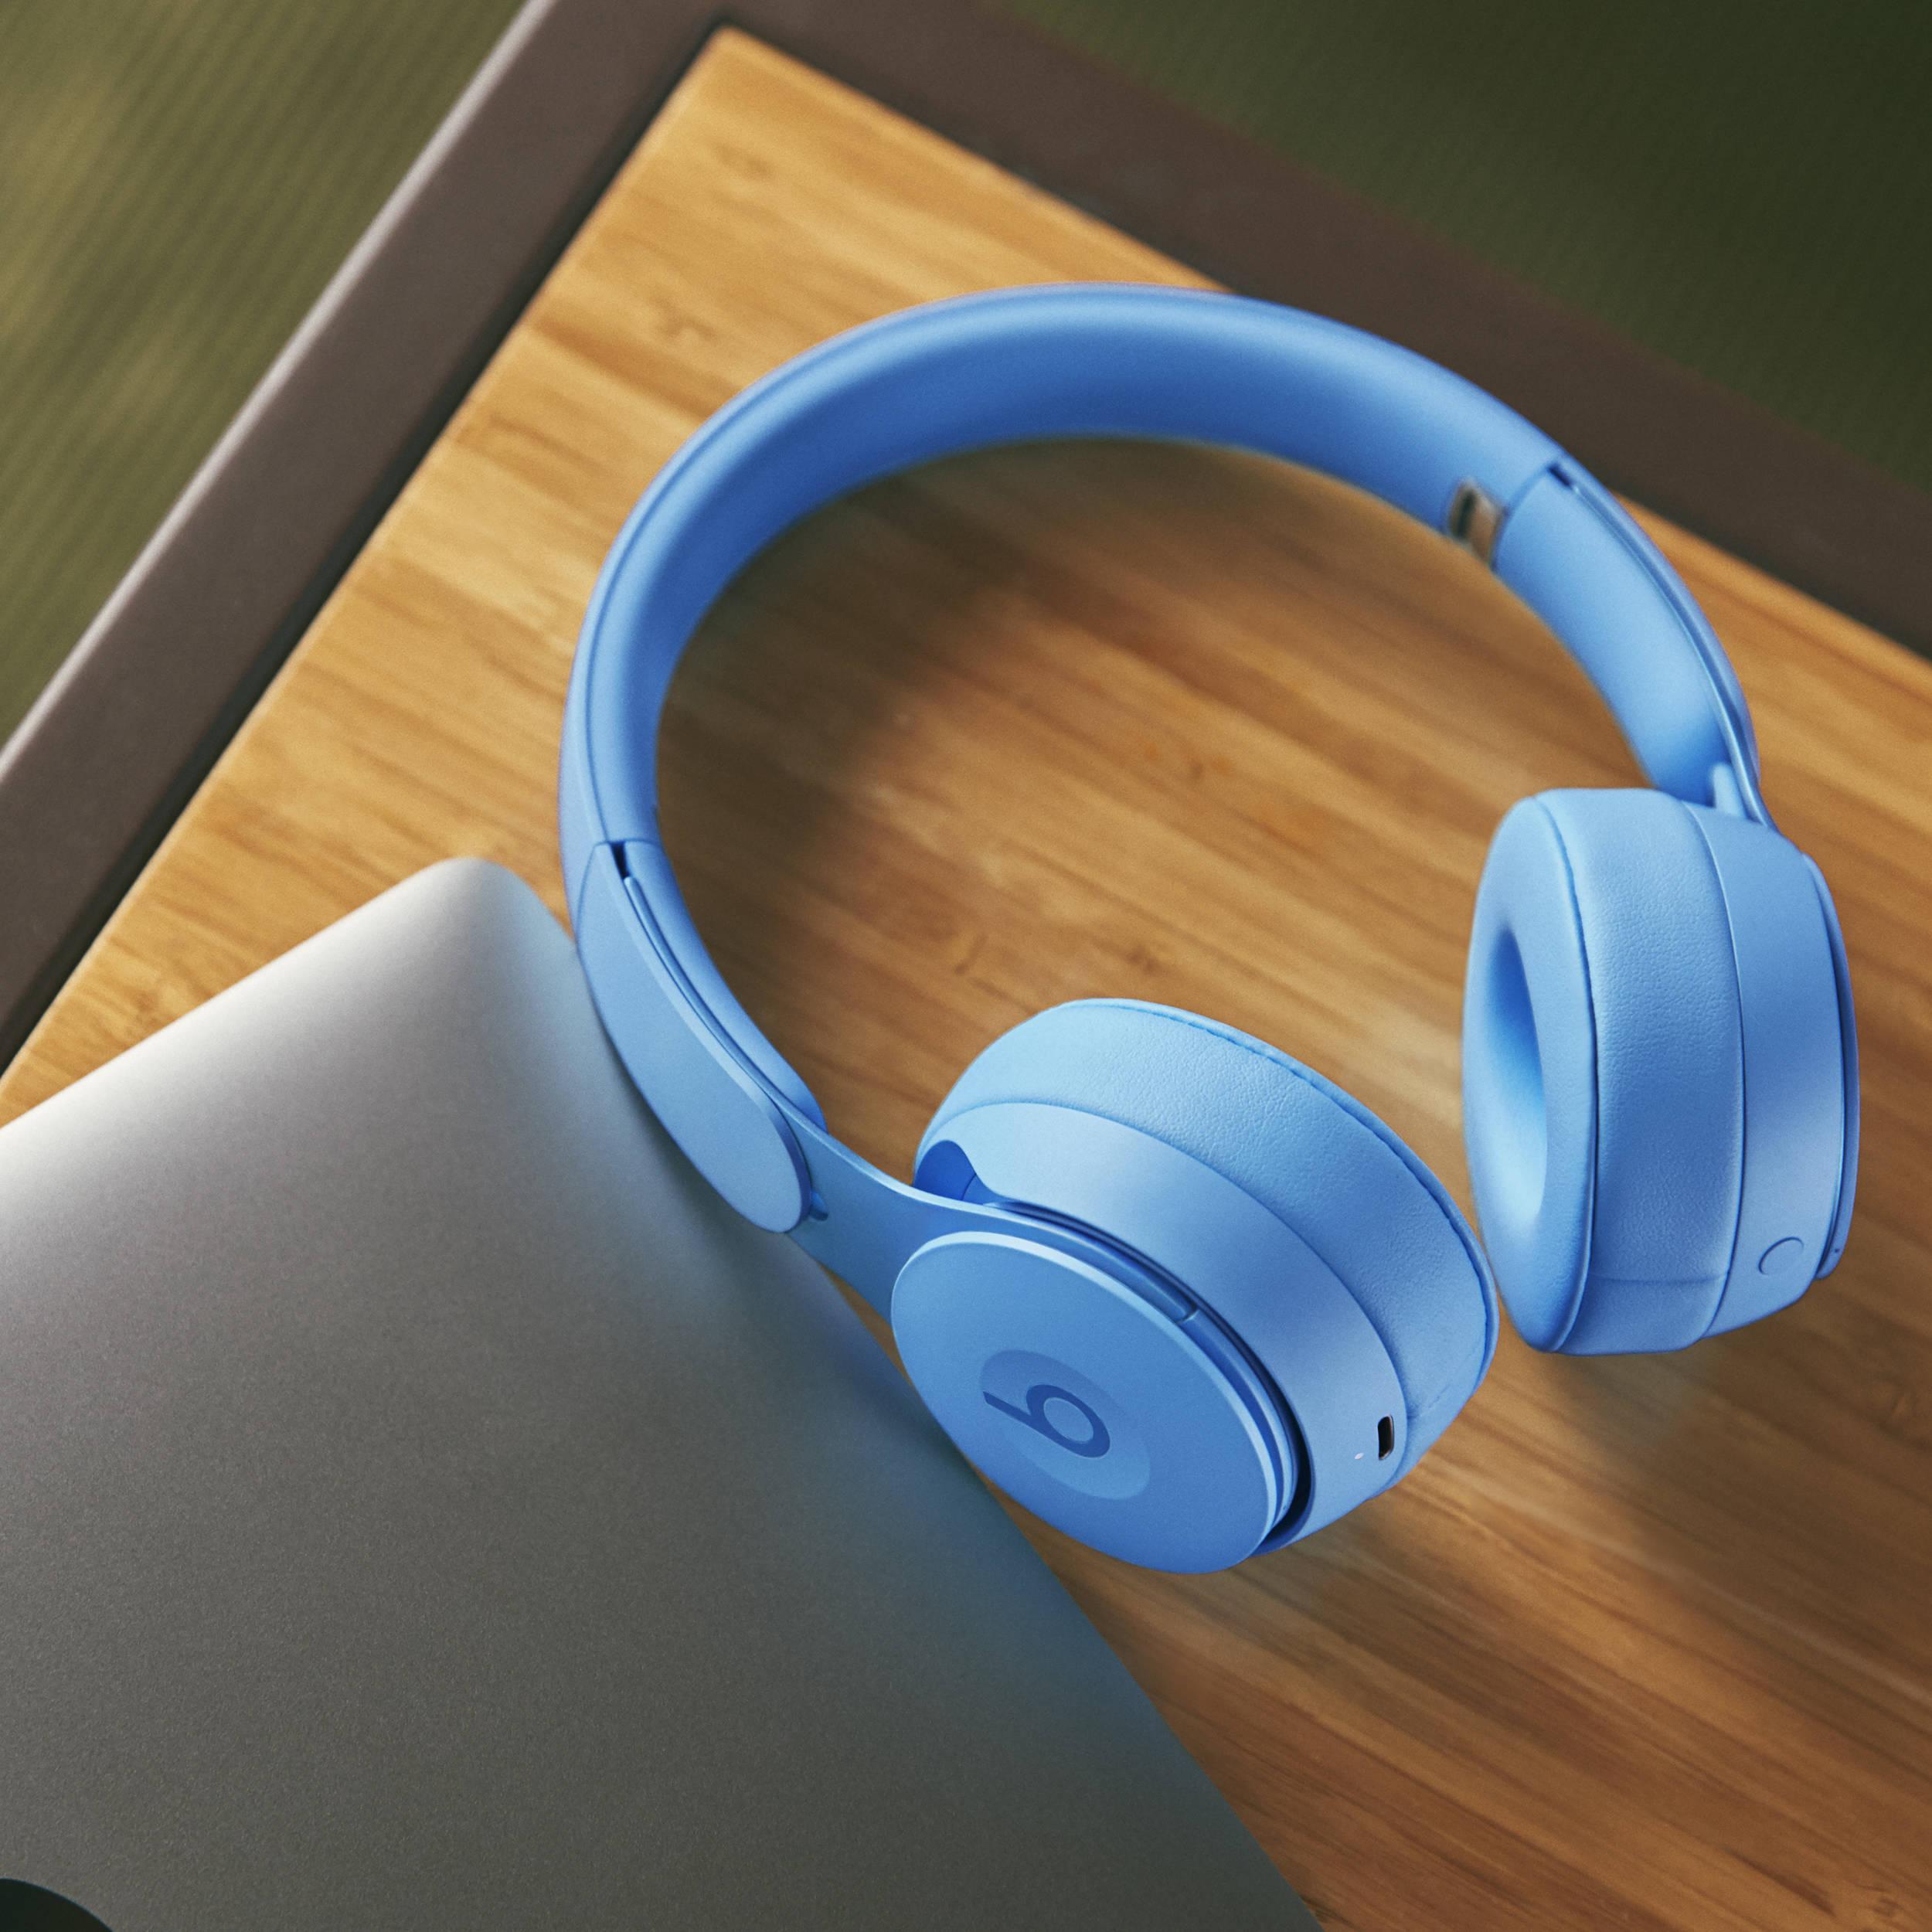 Beats By Dr Dre Solo Pro Wireless Noise Canceling Mrjc2lla B H